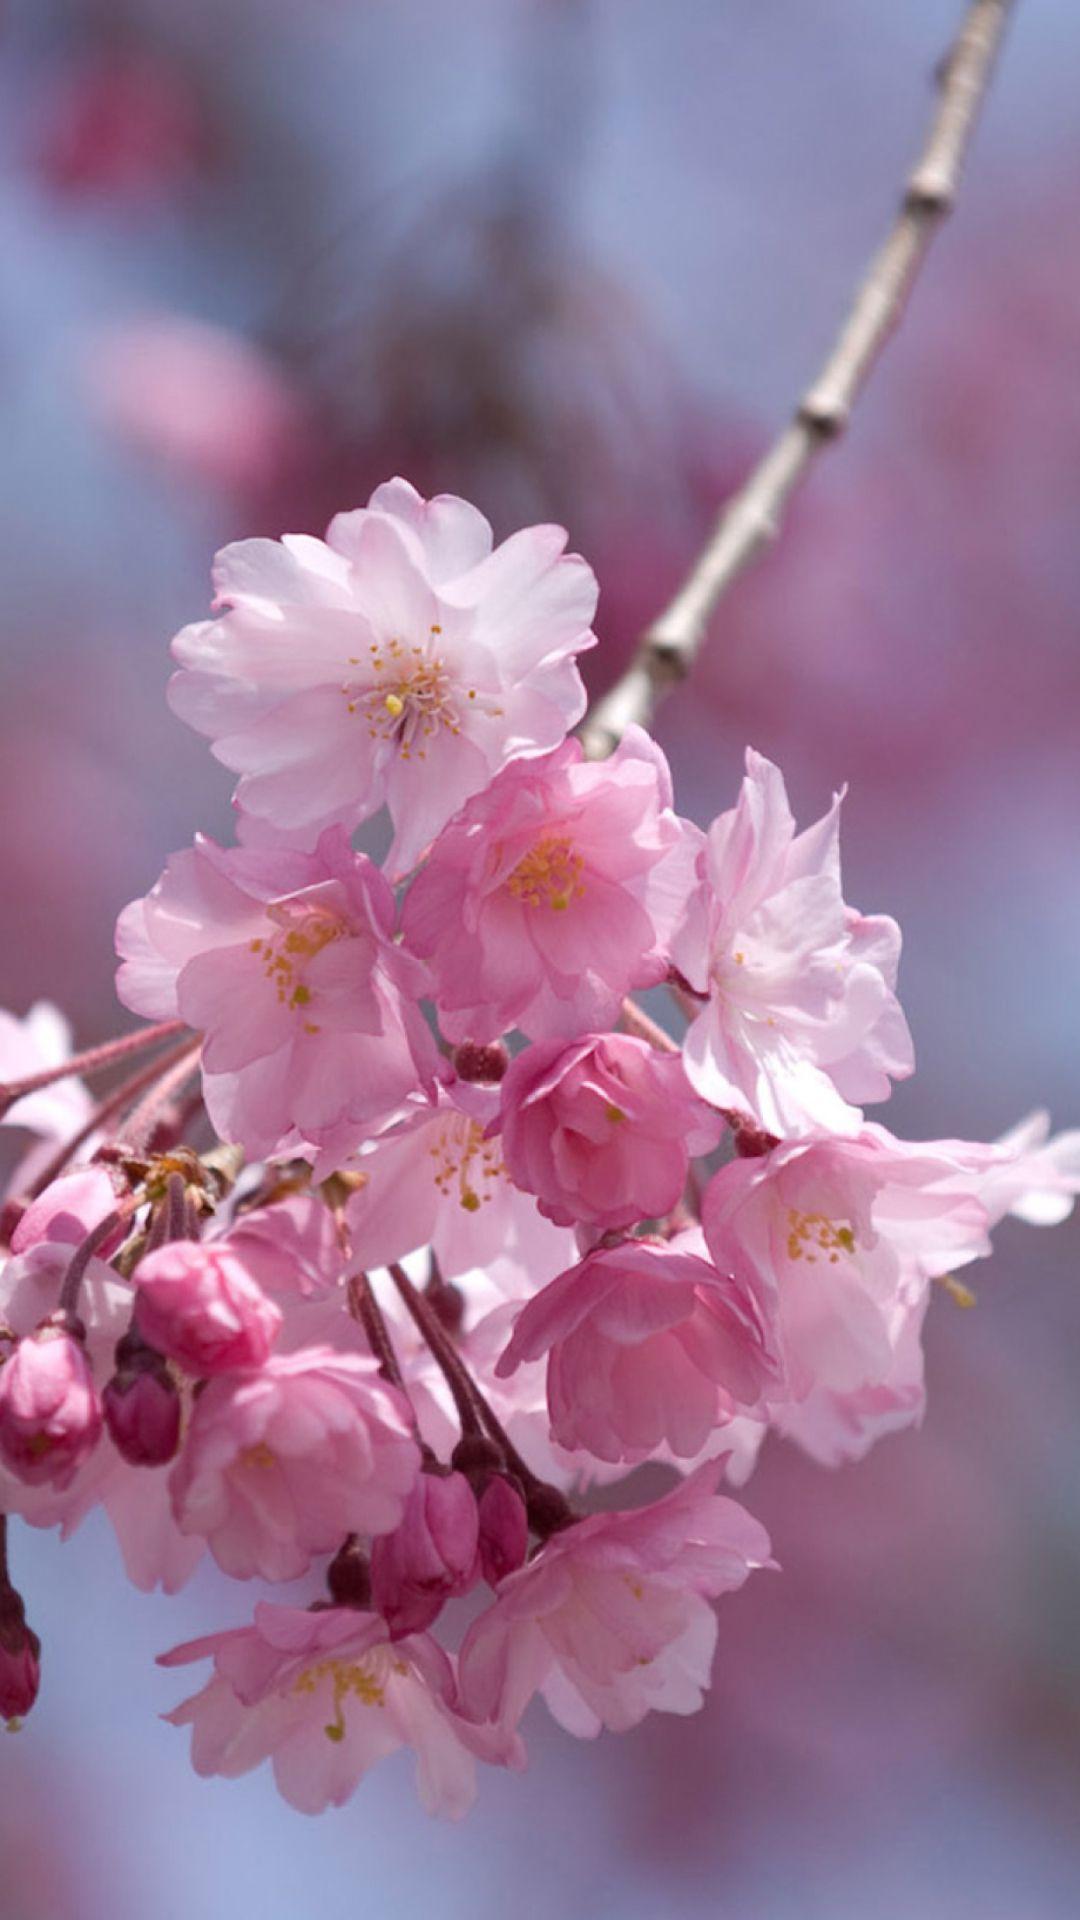 Spring Wallpapers Images Of Sakura